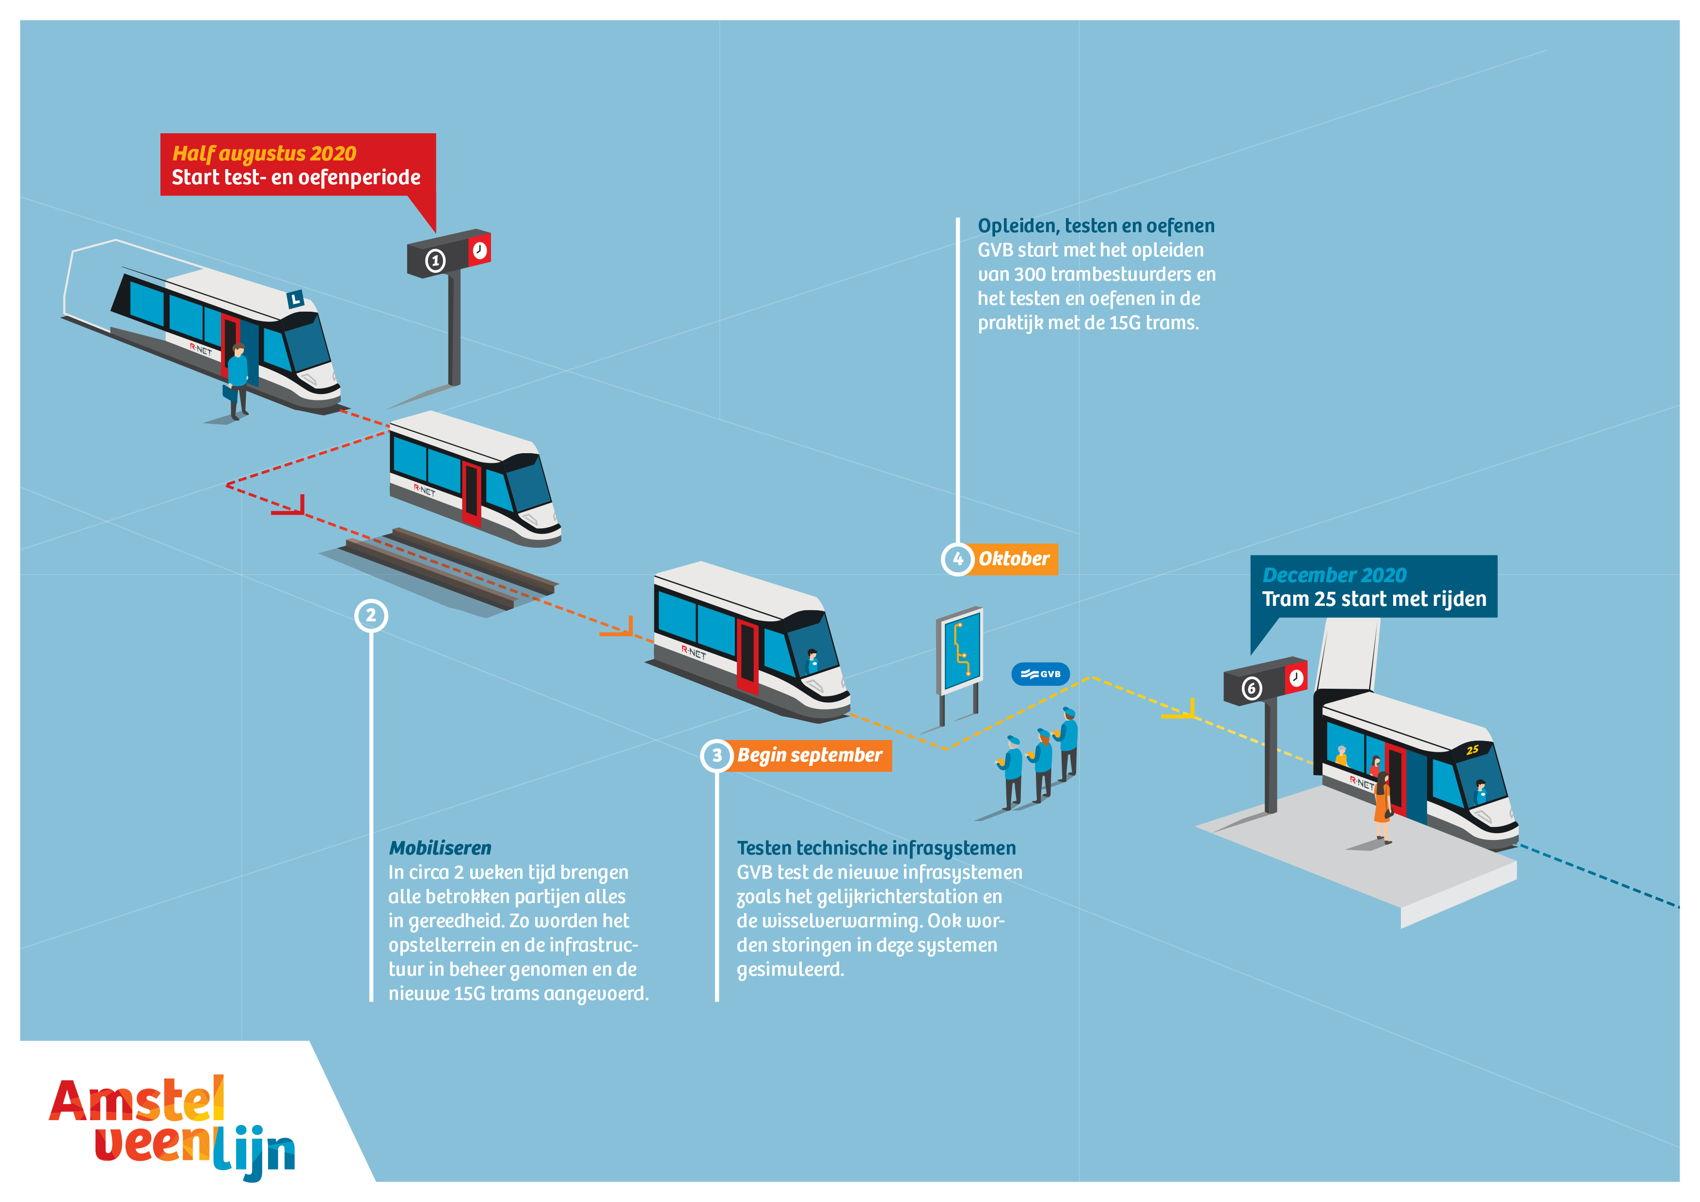 Op hoofdlijnen ziet de test- en oefenperiode er zo uit. Stap 1 is het mobiliseren van 'de boel'. In circa 2 weken tijd brengen alle betrokken partijen alles in gereedheid. Stap 2 is het testen van de technische infrasystemen begin september. In oktober start GVB met het opleiden van de trambestuurders en het testen en oefenen in de praktijk met de 15G trams. In december 2020 wordt tram 25 dan in gebruik genomen.